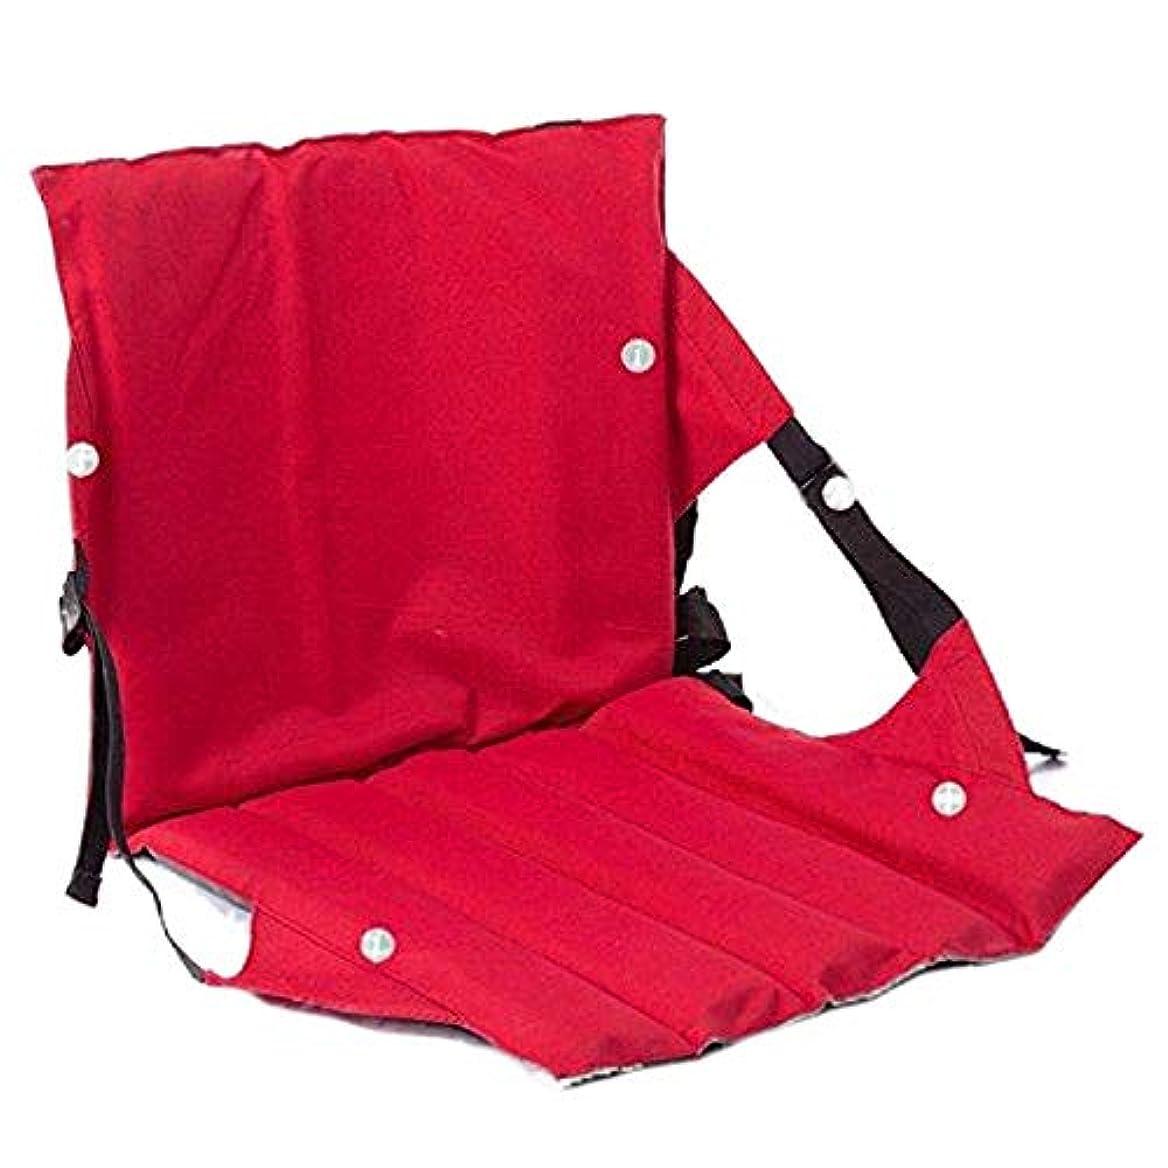 動揺させるアカデミックマント折りたたみキャンプチェア、足のないクッションポータブル軽量折りたたみシート屋外ガーデンチェア釣り旅行に最適ハイキングビーチ。